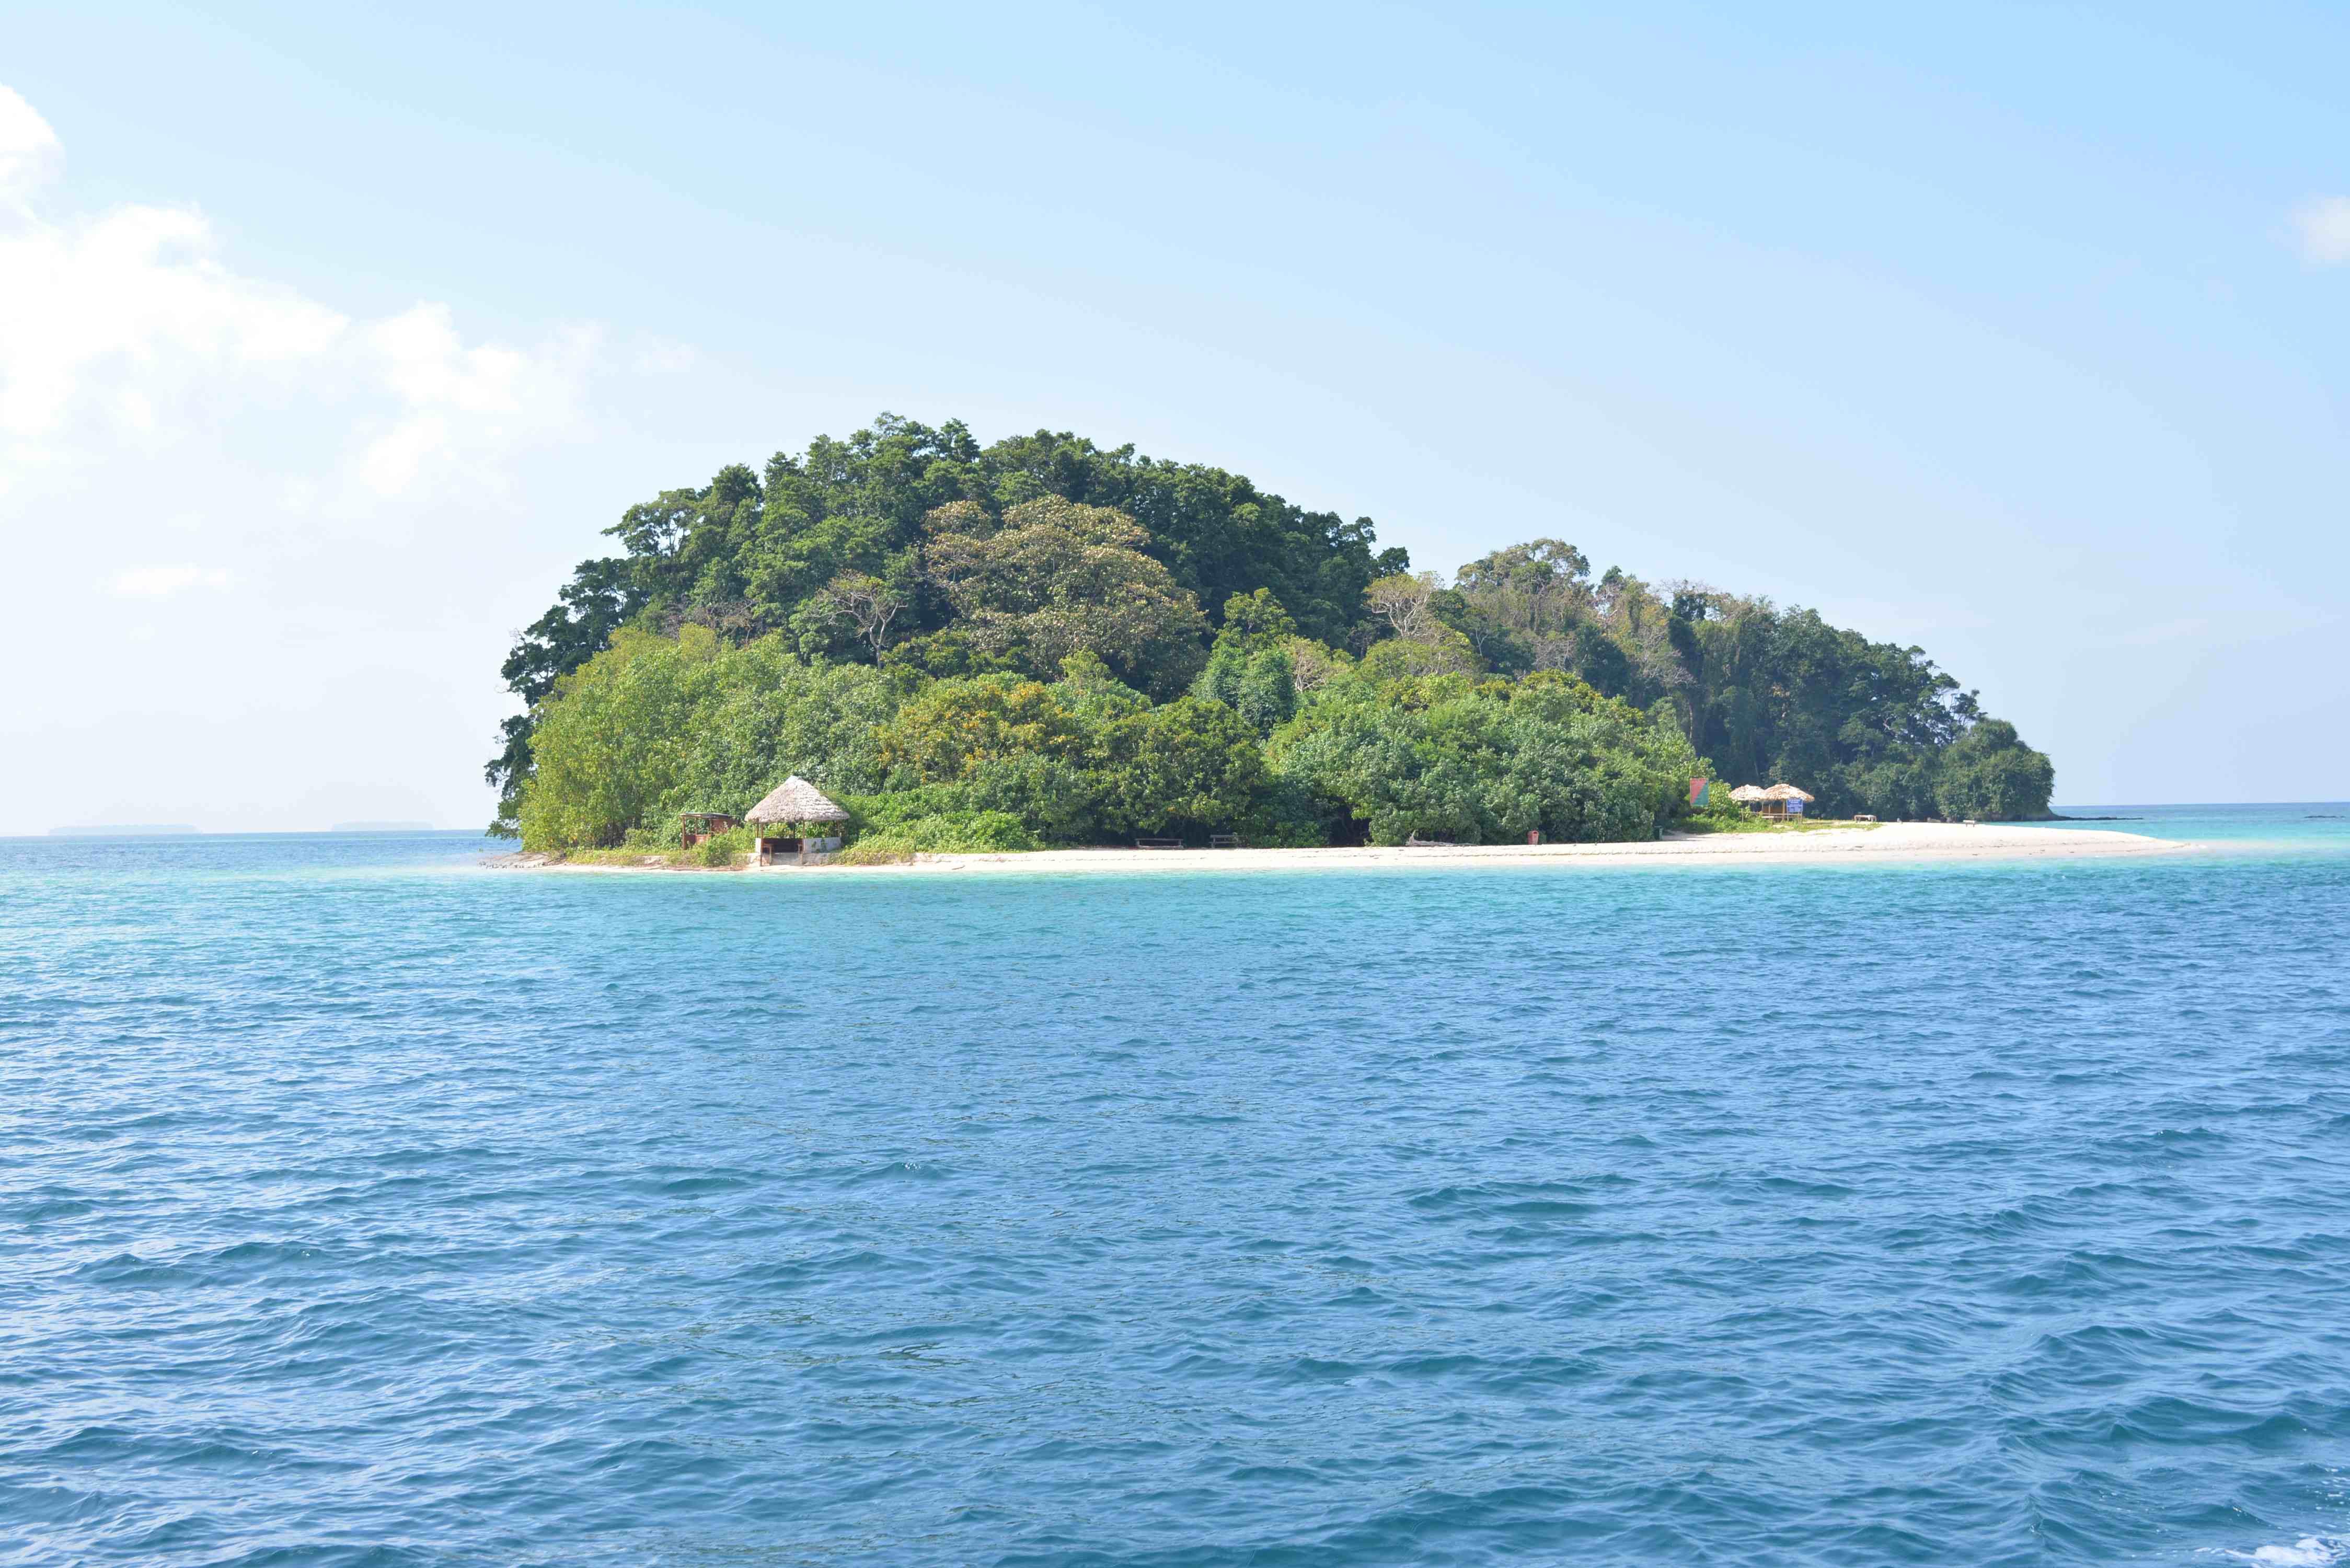 Port blair andaman andaman beach combing - Port blair andaman and nicobar islands ...